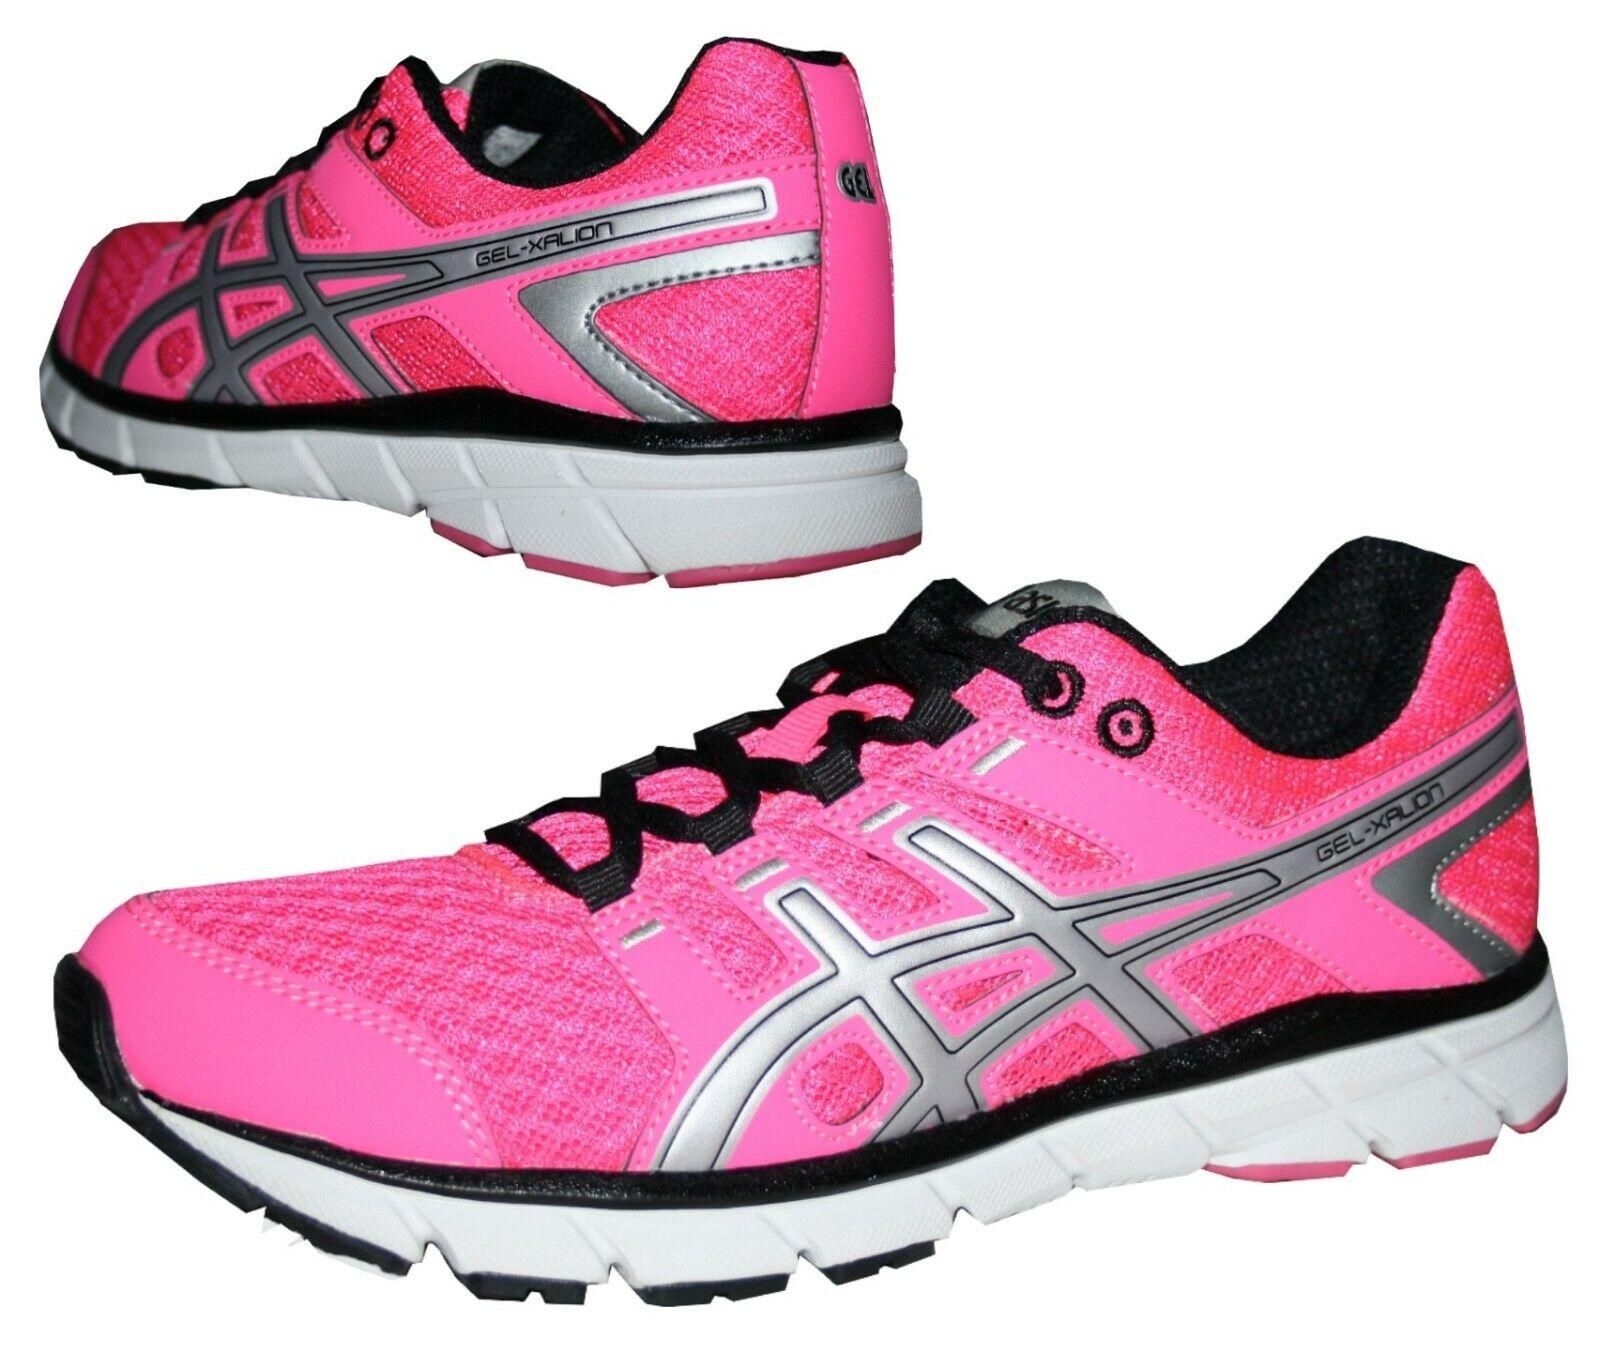 Asics Gel Xalion Damen leichte Laufschuhe Fitness Sneaker Sportschuhe pink 37